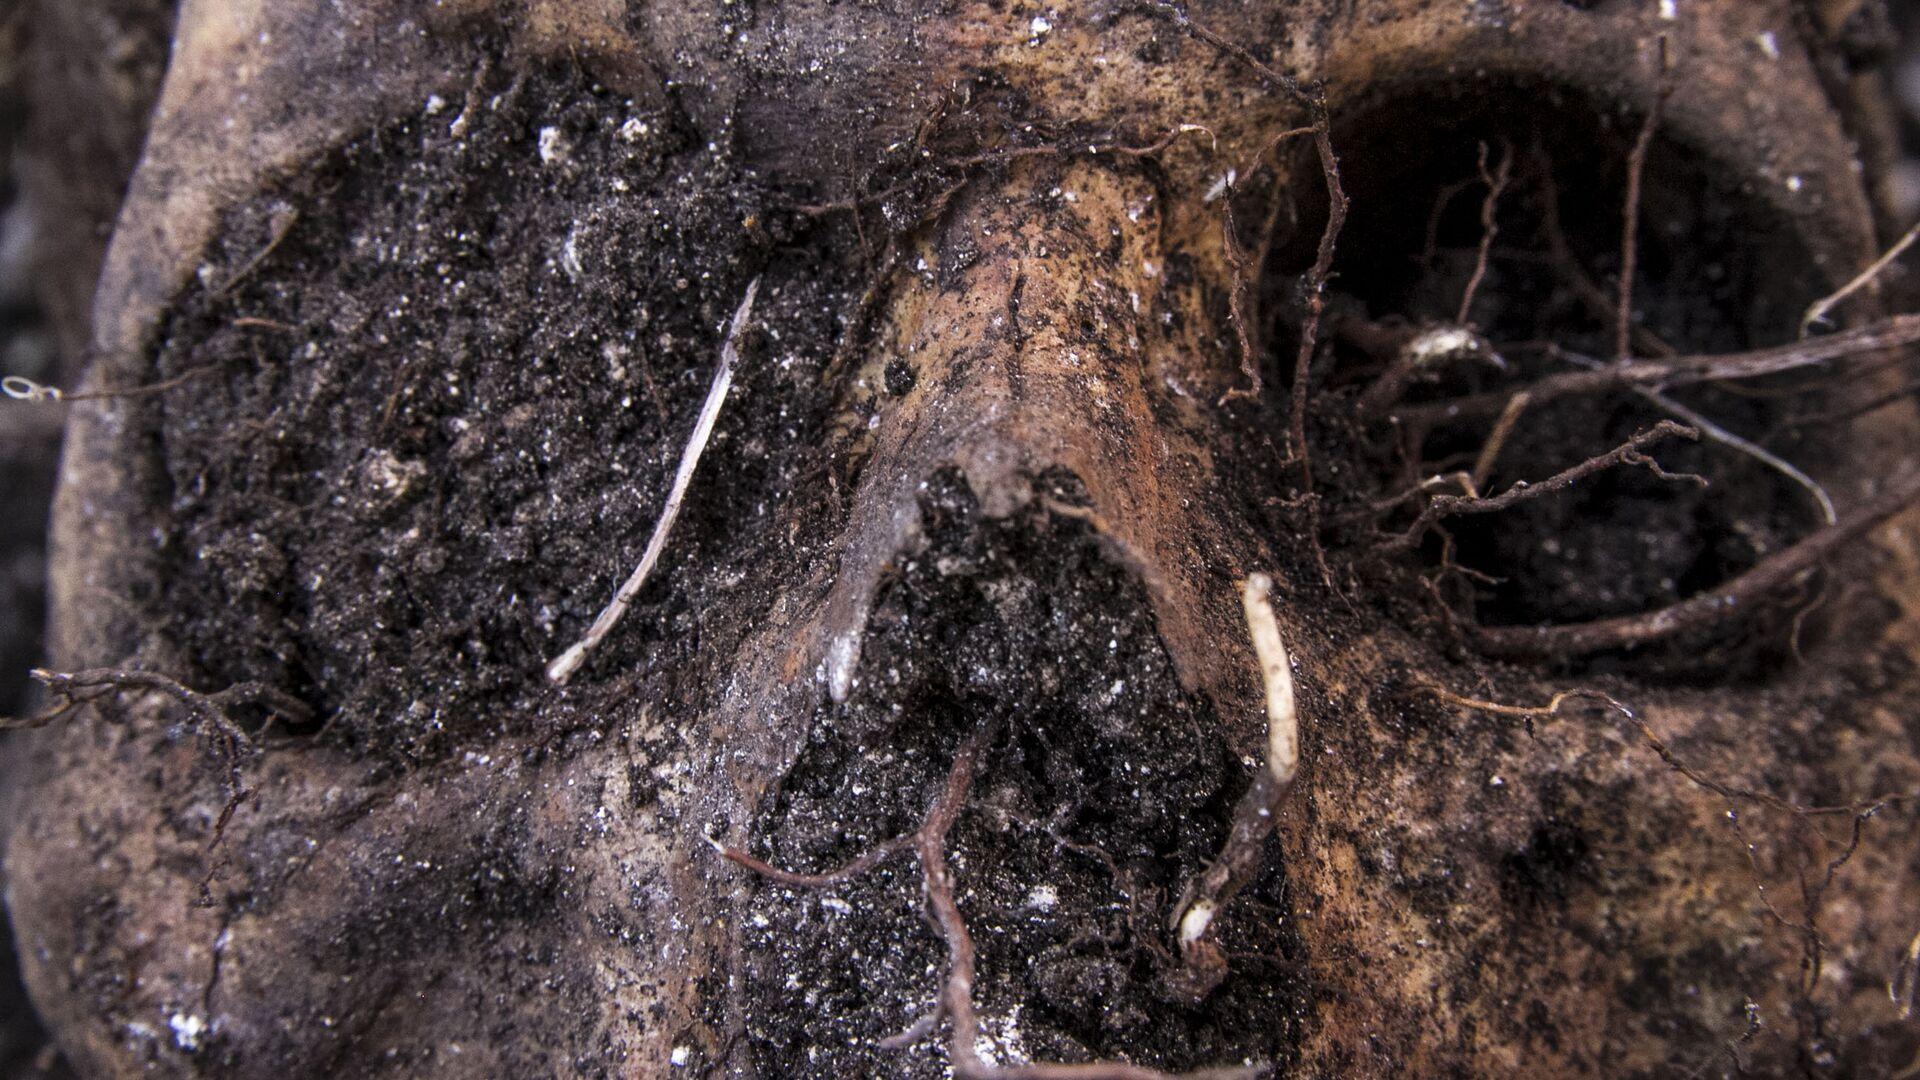 Huitzuco, Guerrero. Cráneo localizado en una fosa clandestina. - Sputnik Mundo, 1920, 28.09.2021